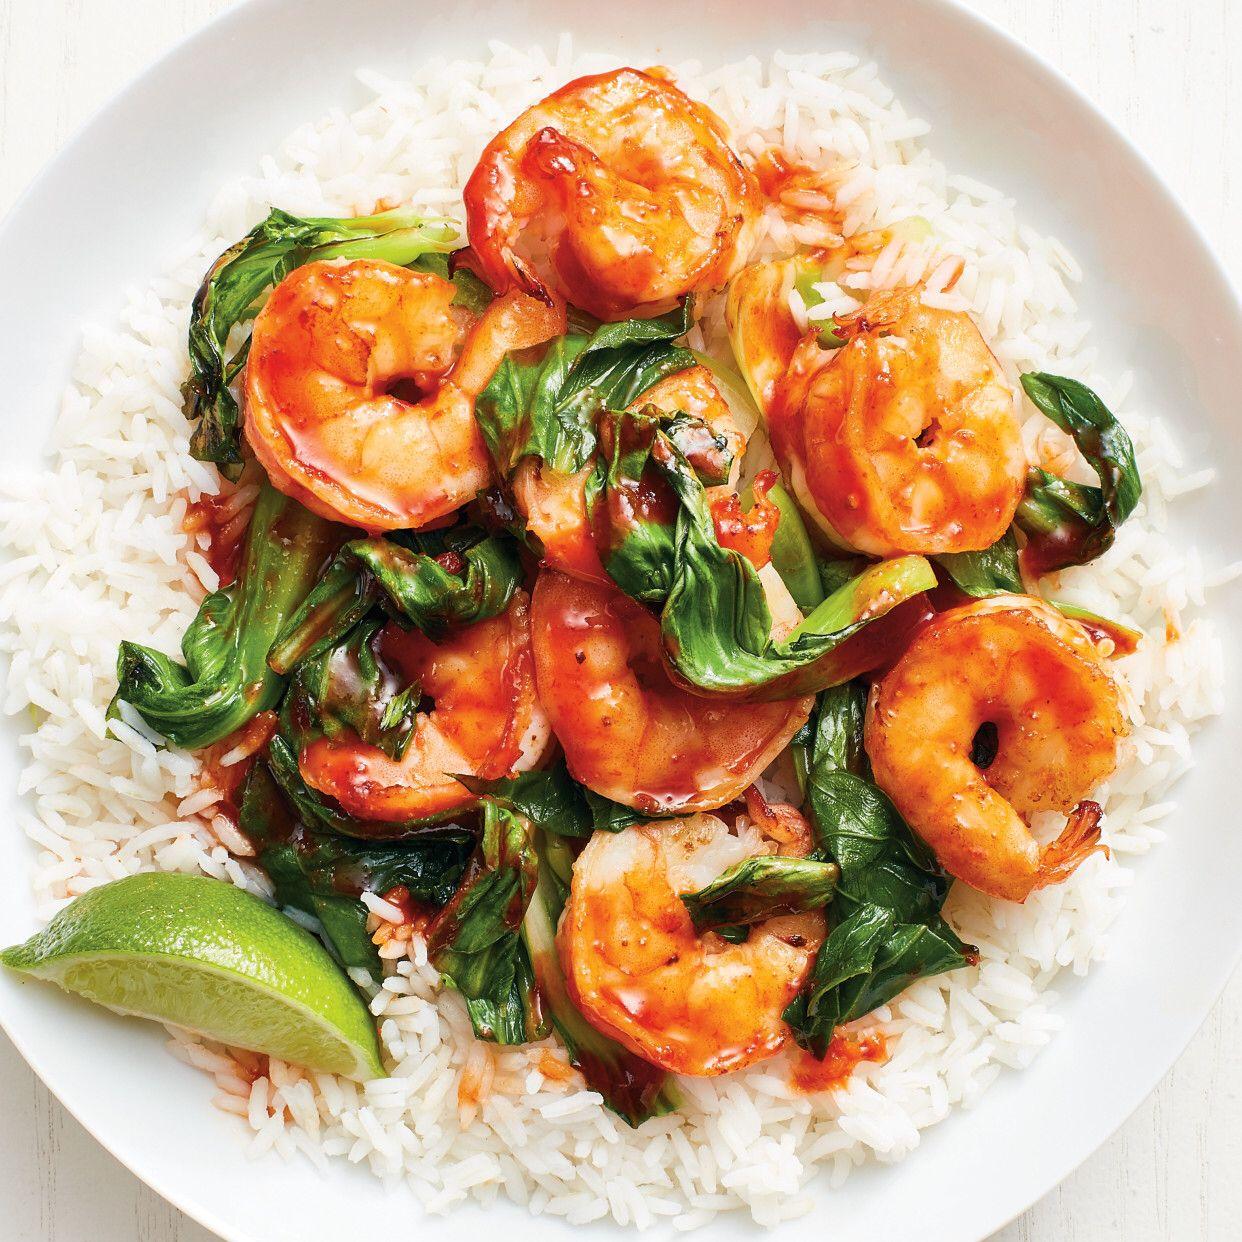 Shrimp and Bok Choy Stir-Fry